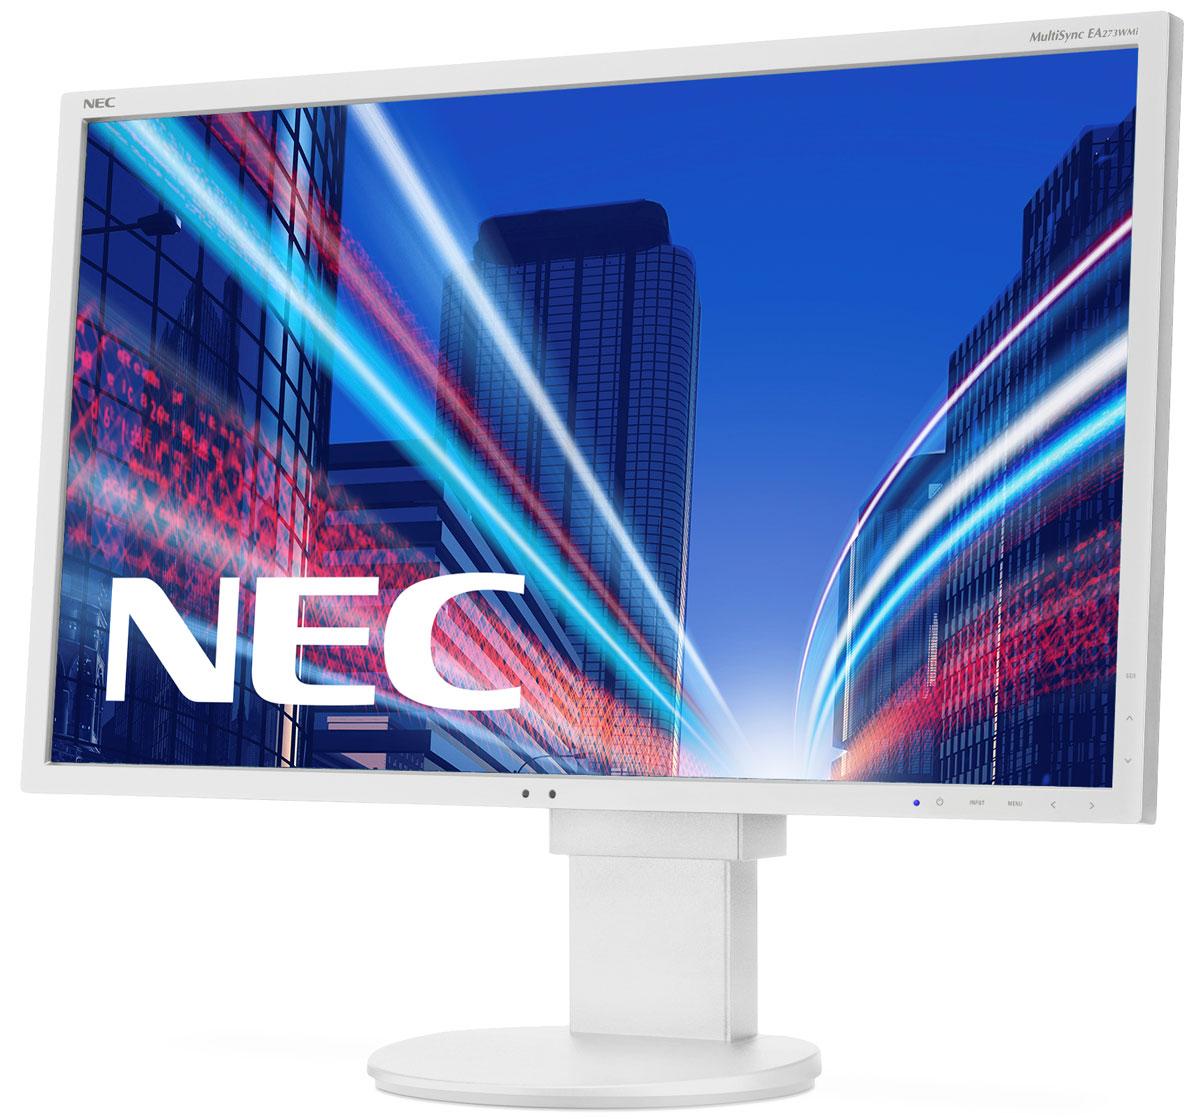 NEC EA273WMi, White мониторEA273WMiМонитор NEC EA273WMi обладает очень тонкой 27-дюймовой панелью с разрешением 1920 x 1080, а также светодиодной подсветкой и IPS-технологией, что обеспечивает ультрасовременный и ультратонкий дизайн. Датчик внешней освещенности и датчик присутствия являются стандартными характеристиками данной модели, кроме того, она обладает улучшенными эргономическими характеристиками, например, механизмом регулирования высоты до 130 мм. Эргономическое исполнение данного дисплея улучшено с помощью довольно большого шага расположения точек для обеспечения простого чтения текста, что дополняет отличное качество изображения благодаря IPS- технологии. Кроме того, дисплей также располагает перспективными возможностями соединения через различные интерфейсы. Датчик рассеянного света - благодаря функции автоматической яркости Auto Brightness всегда можно оптимизировать уровень яркости в зависимости от освещения и условий изображения. Датчик...